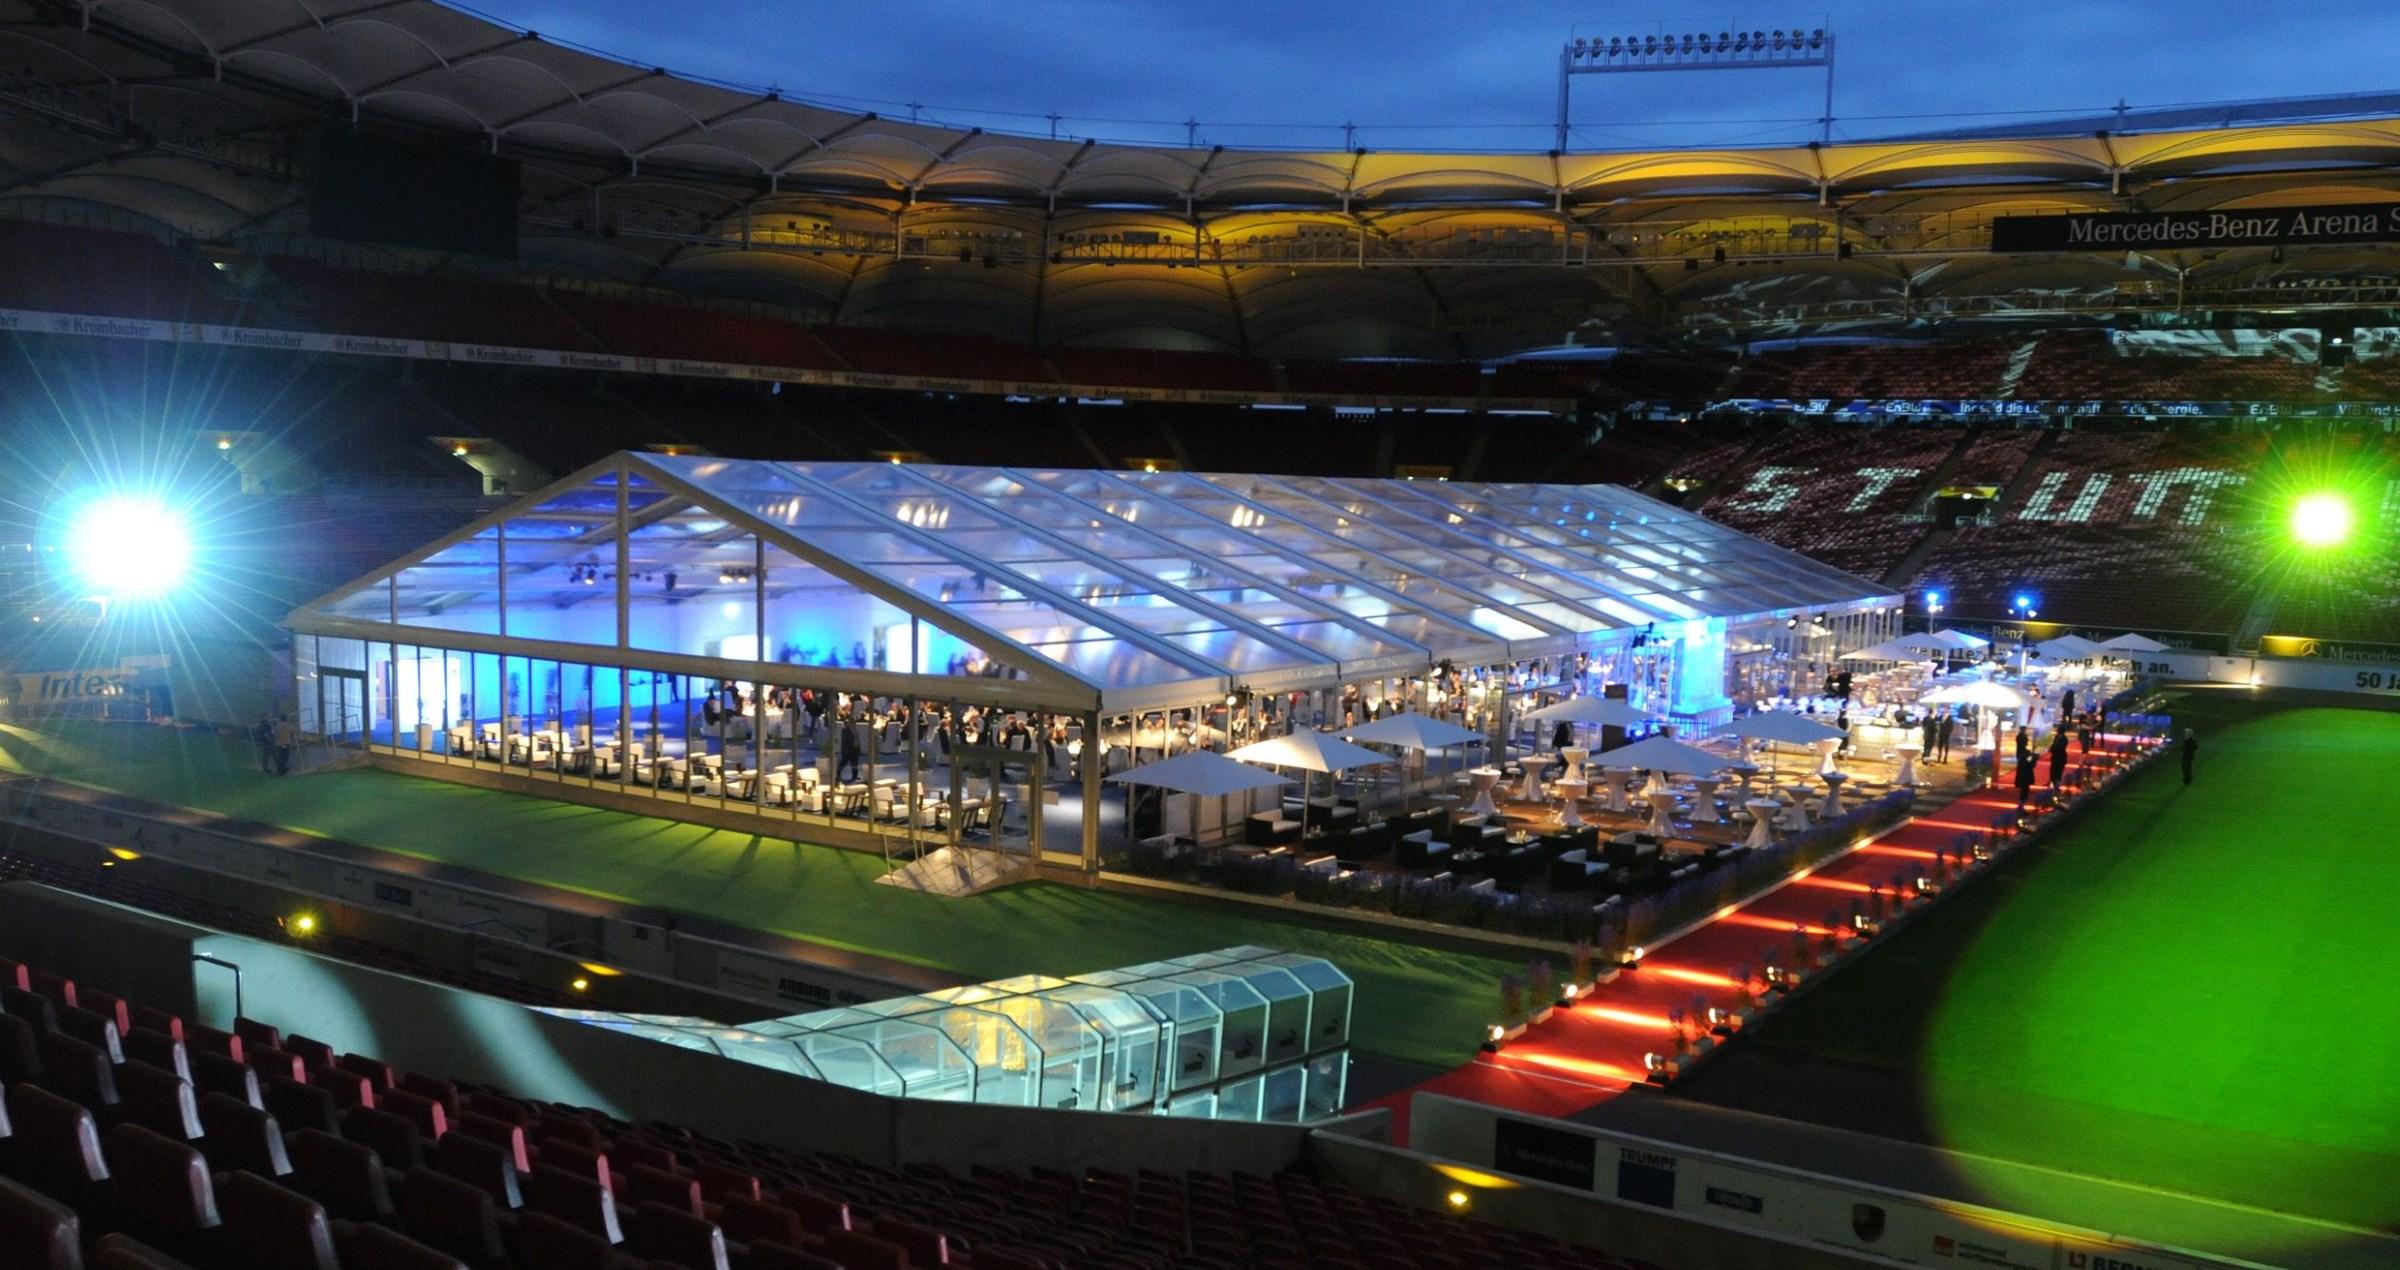 Mercedes benz arena in stuttgart der eventplaner for Mercedes benz stadium events